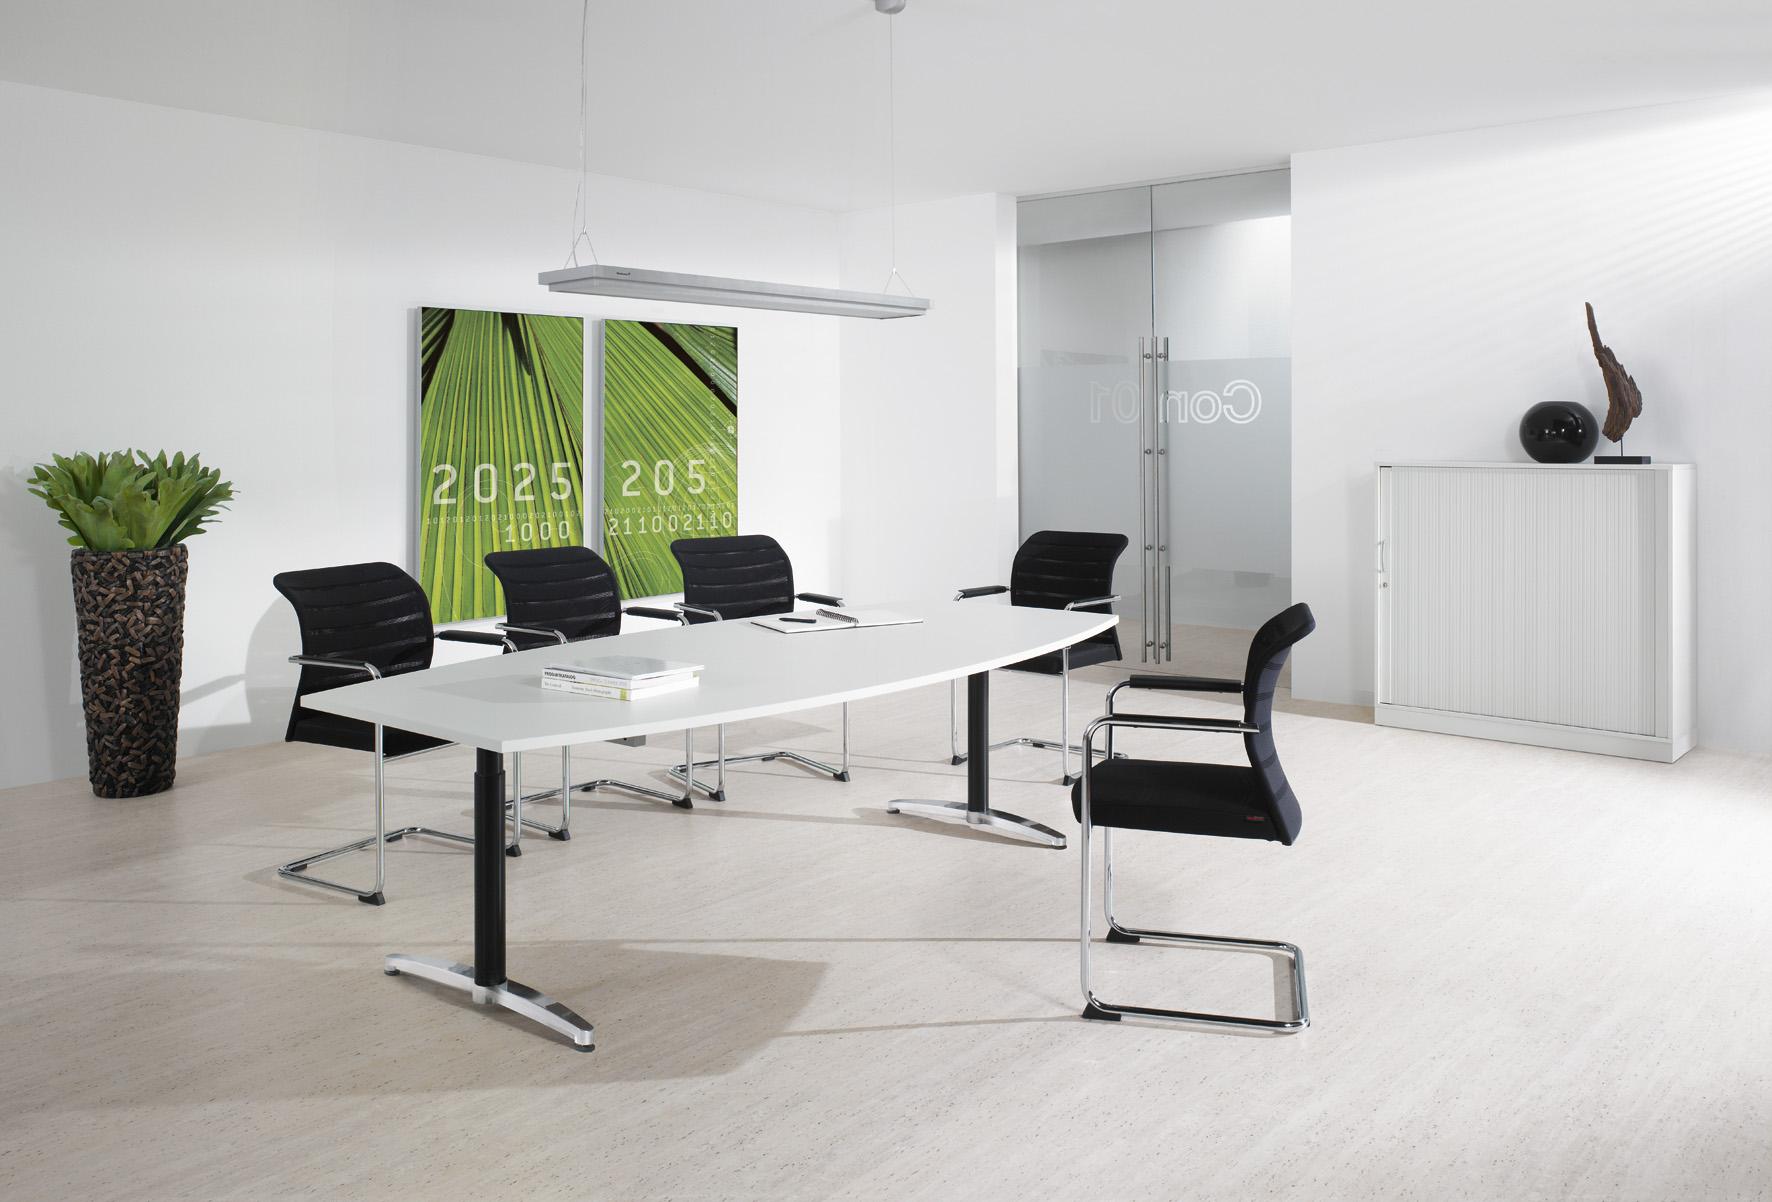 Schreibtisch & Konferenztisch für den Besprechungsraum